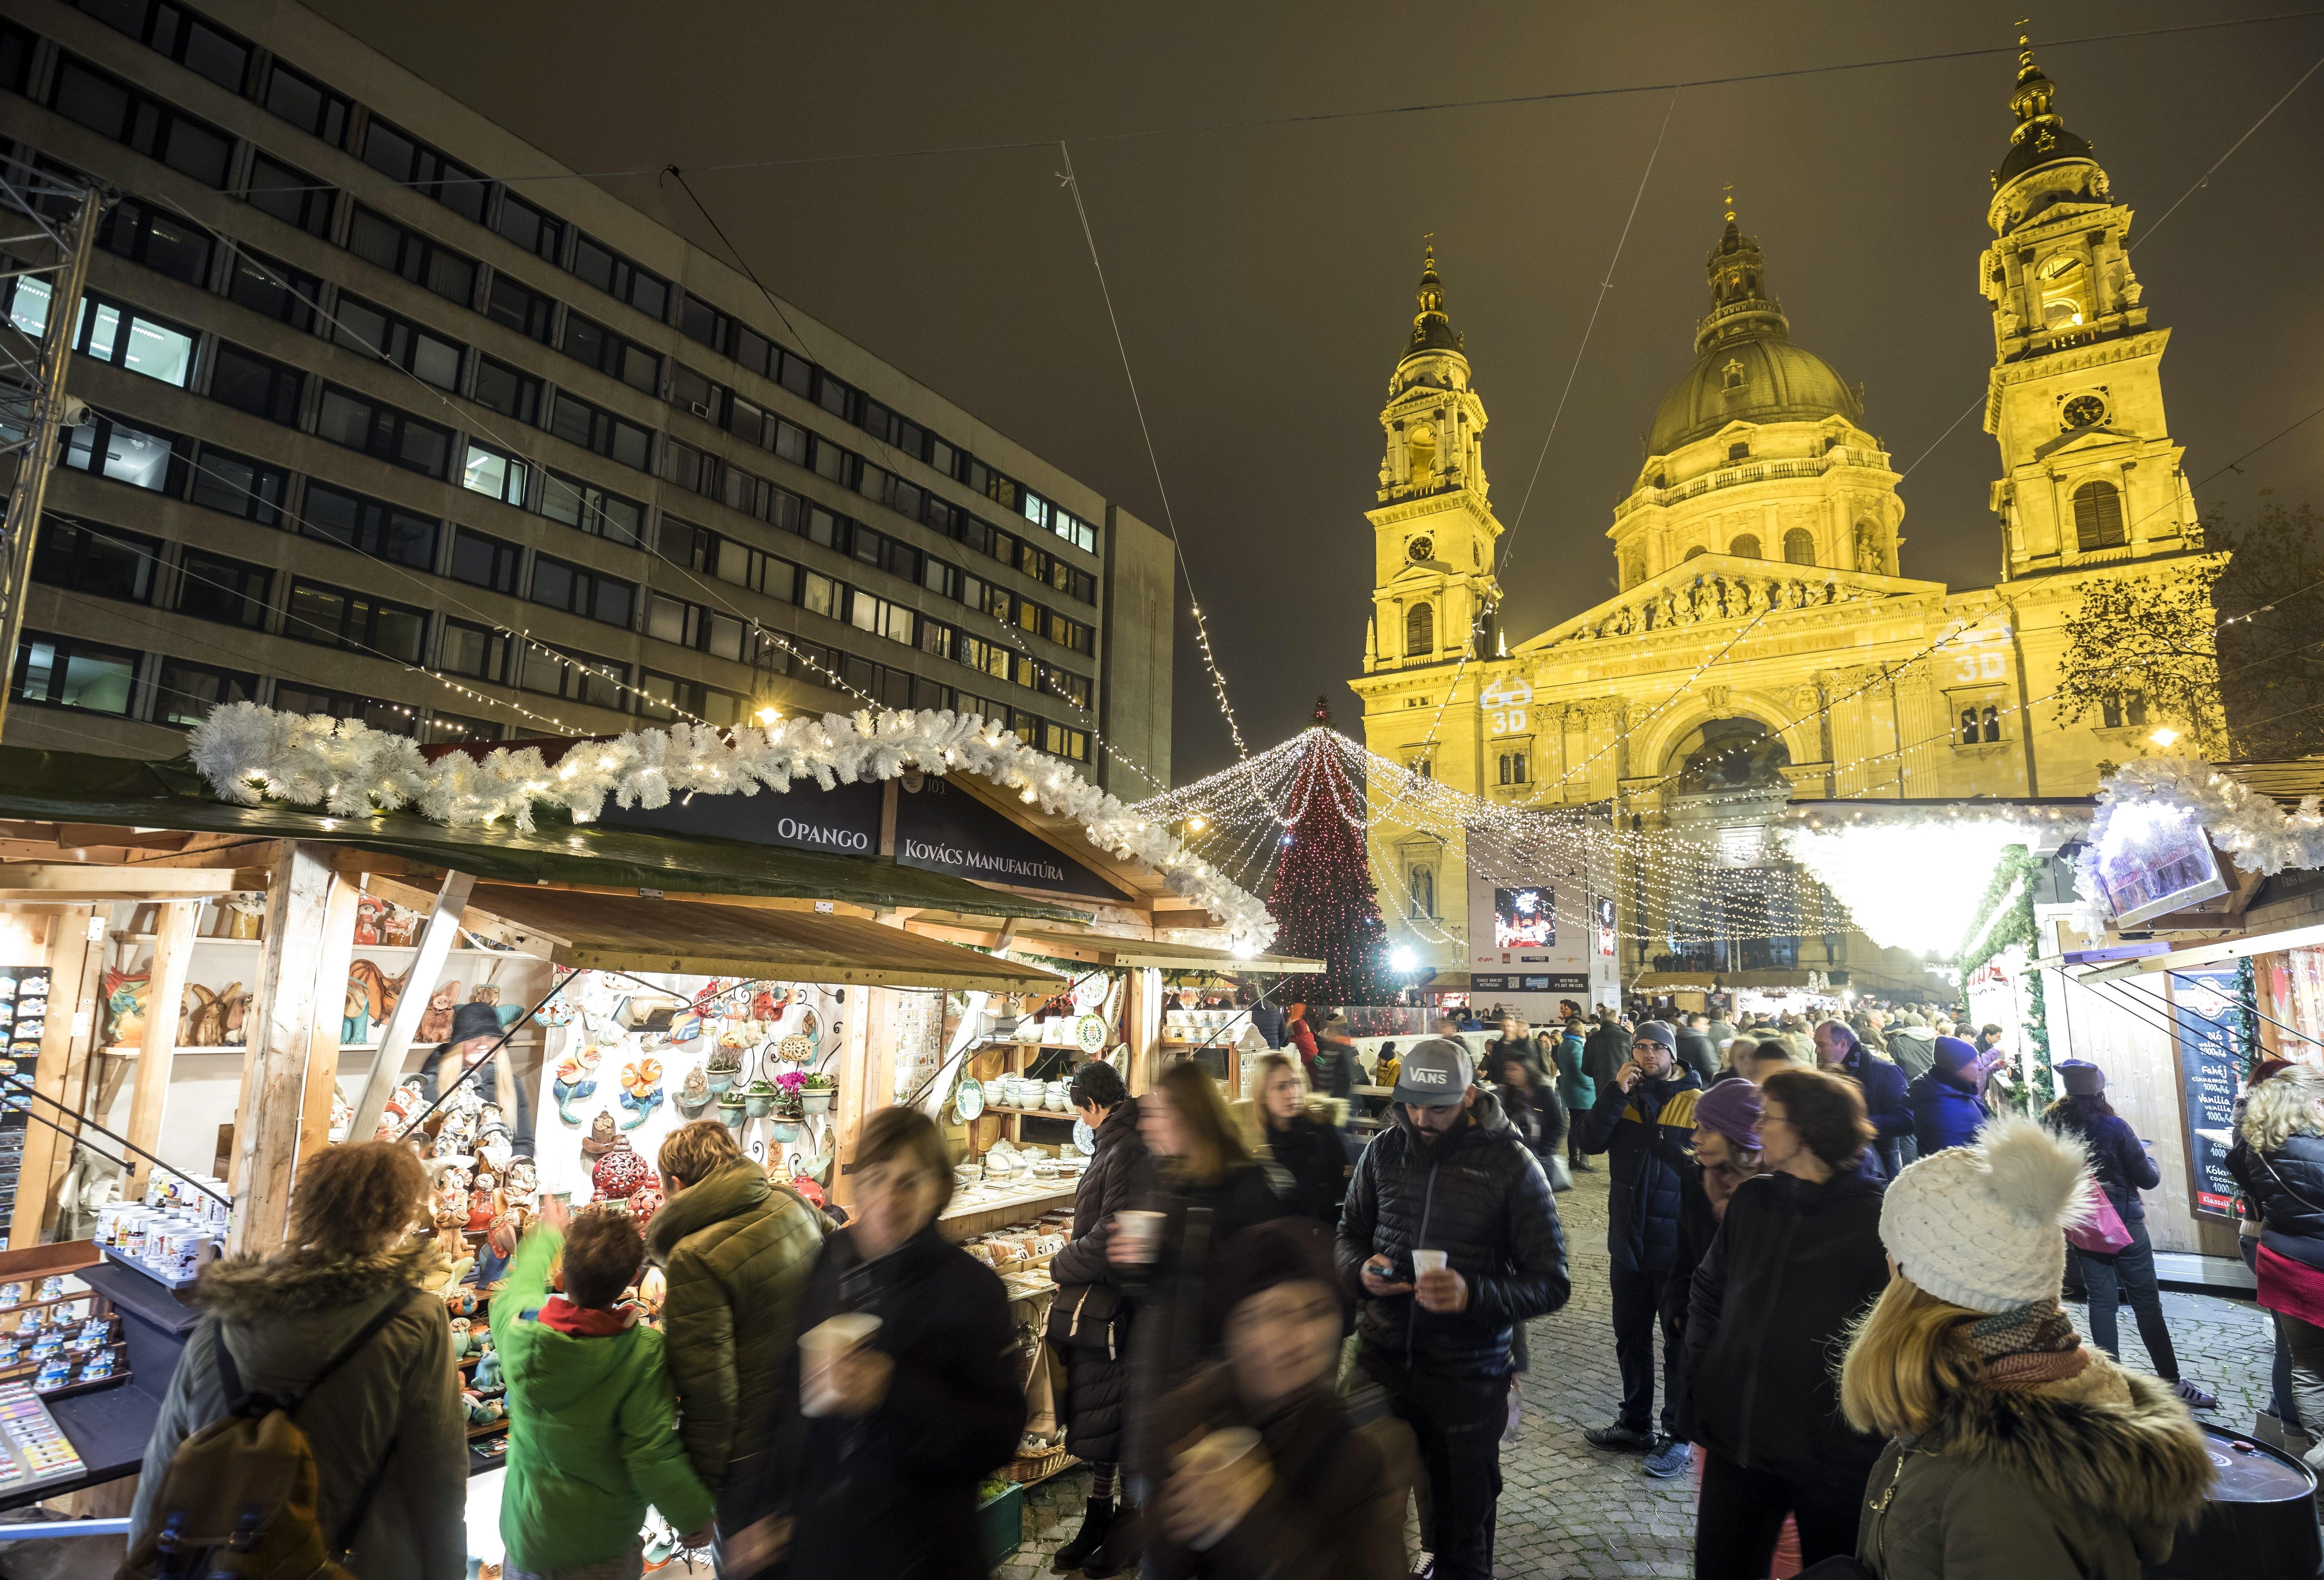 Budapesti advent - Ünnepvárás a Bazilikánál és az Országház előtt  - fotók